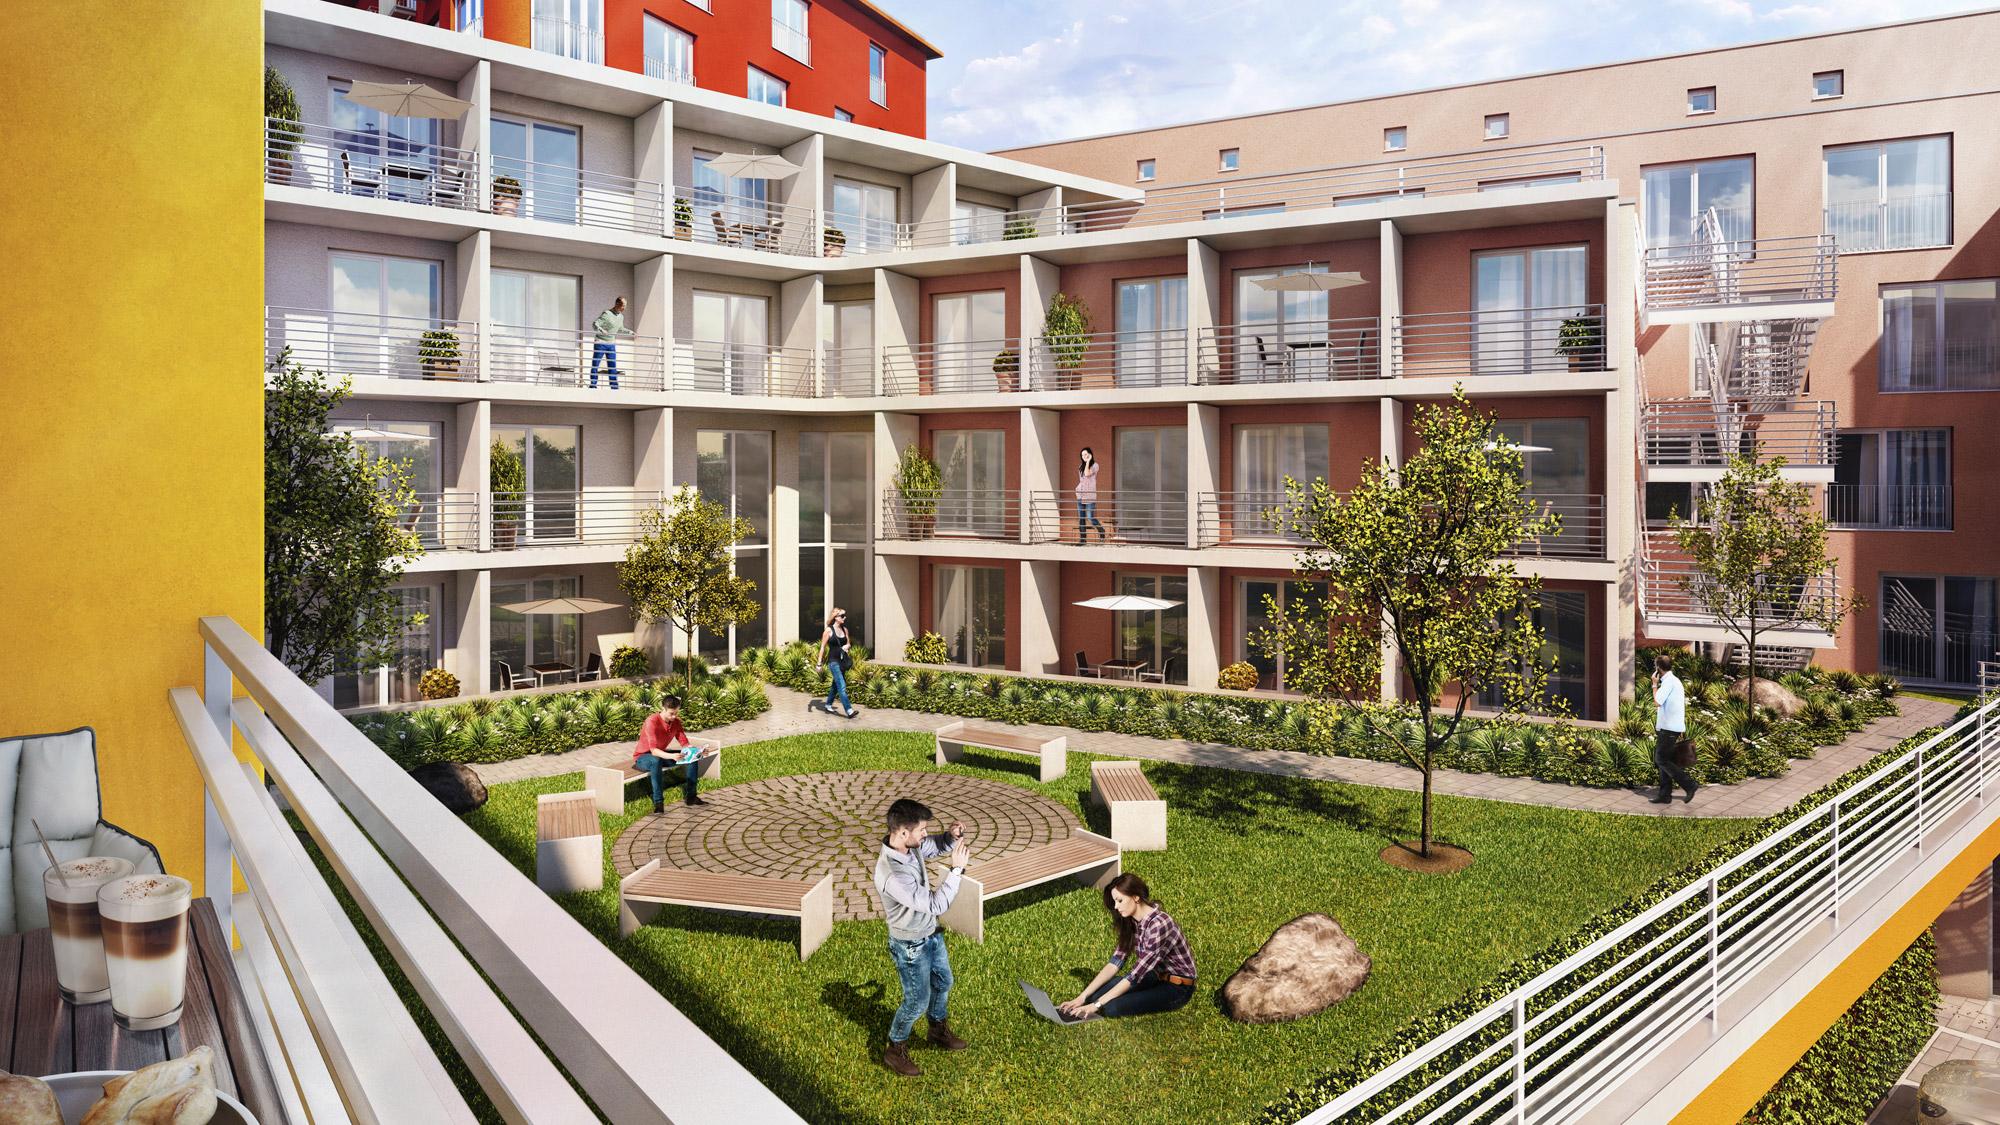 Ansicht Innenhof der studiosus 5 Wohnanlage in Augsburg mit Apartments mit Balkon, Terrasse oder Loggia